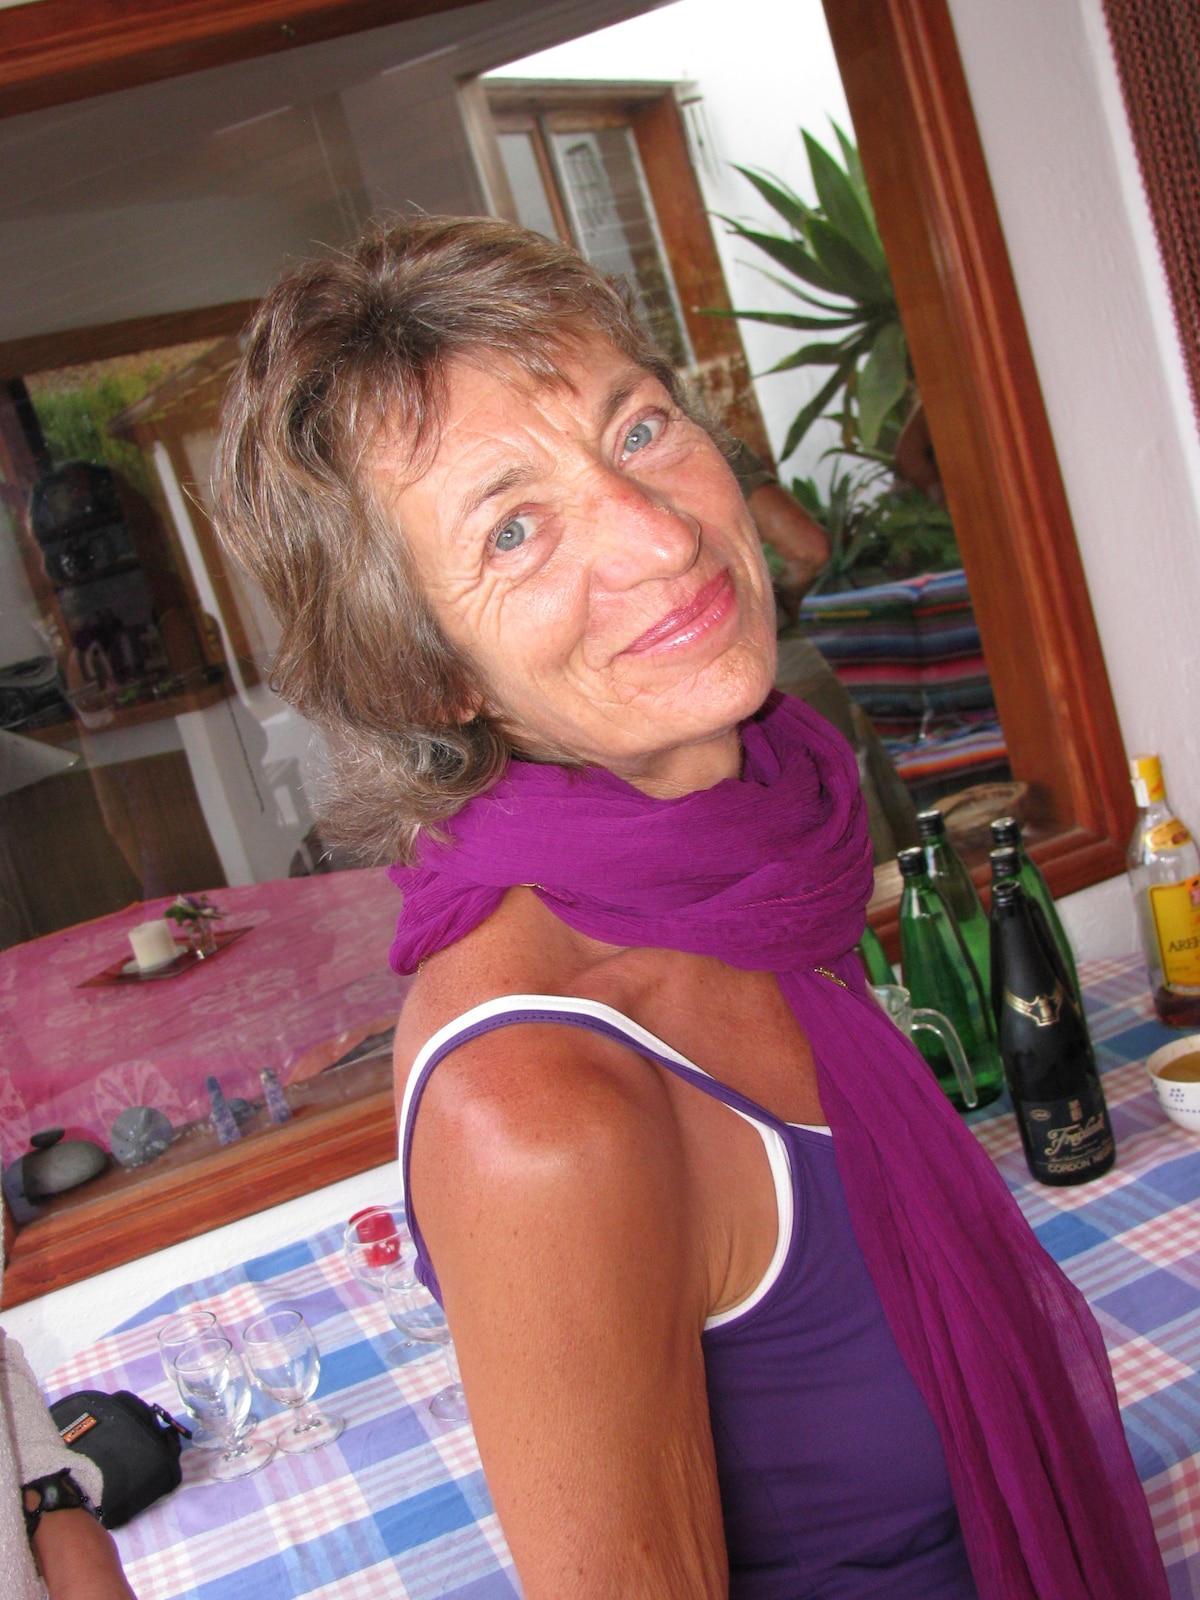 Zanna From Tinajo, Spain